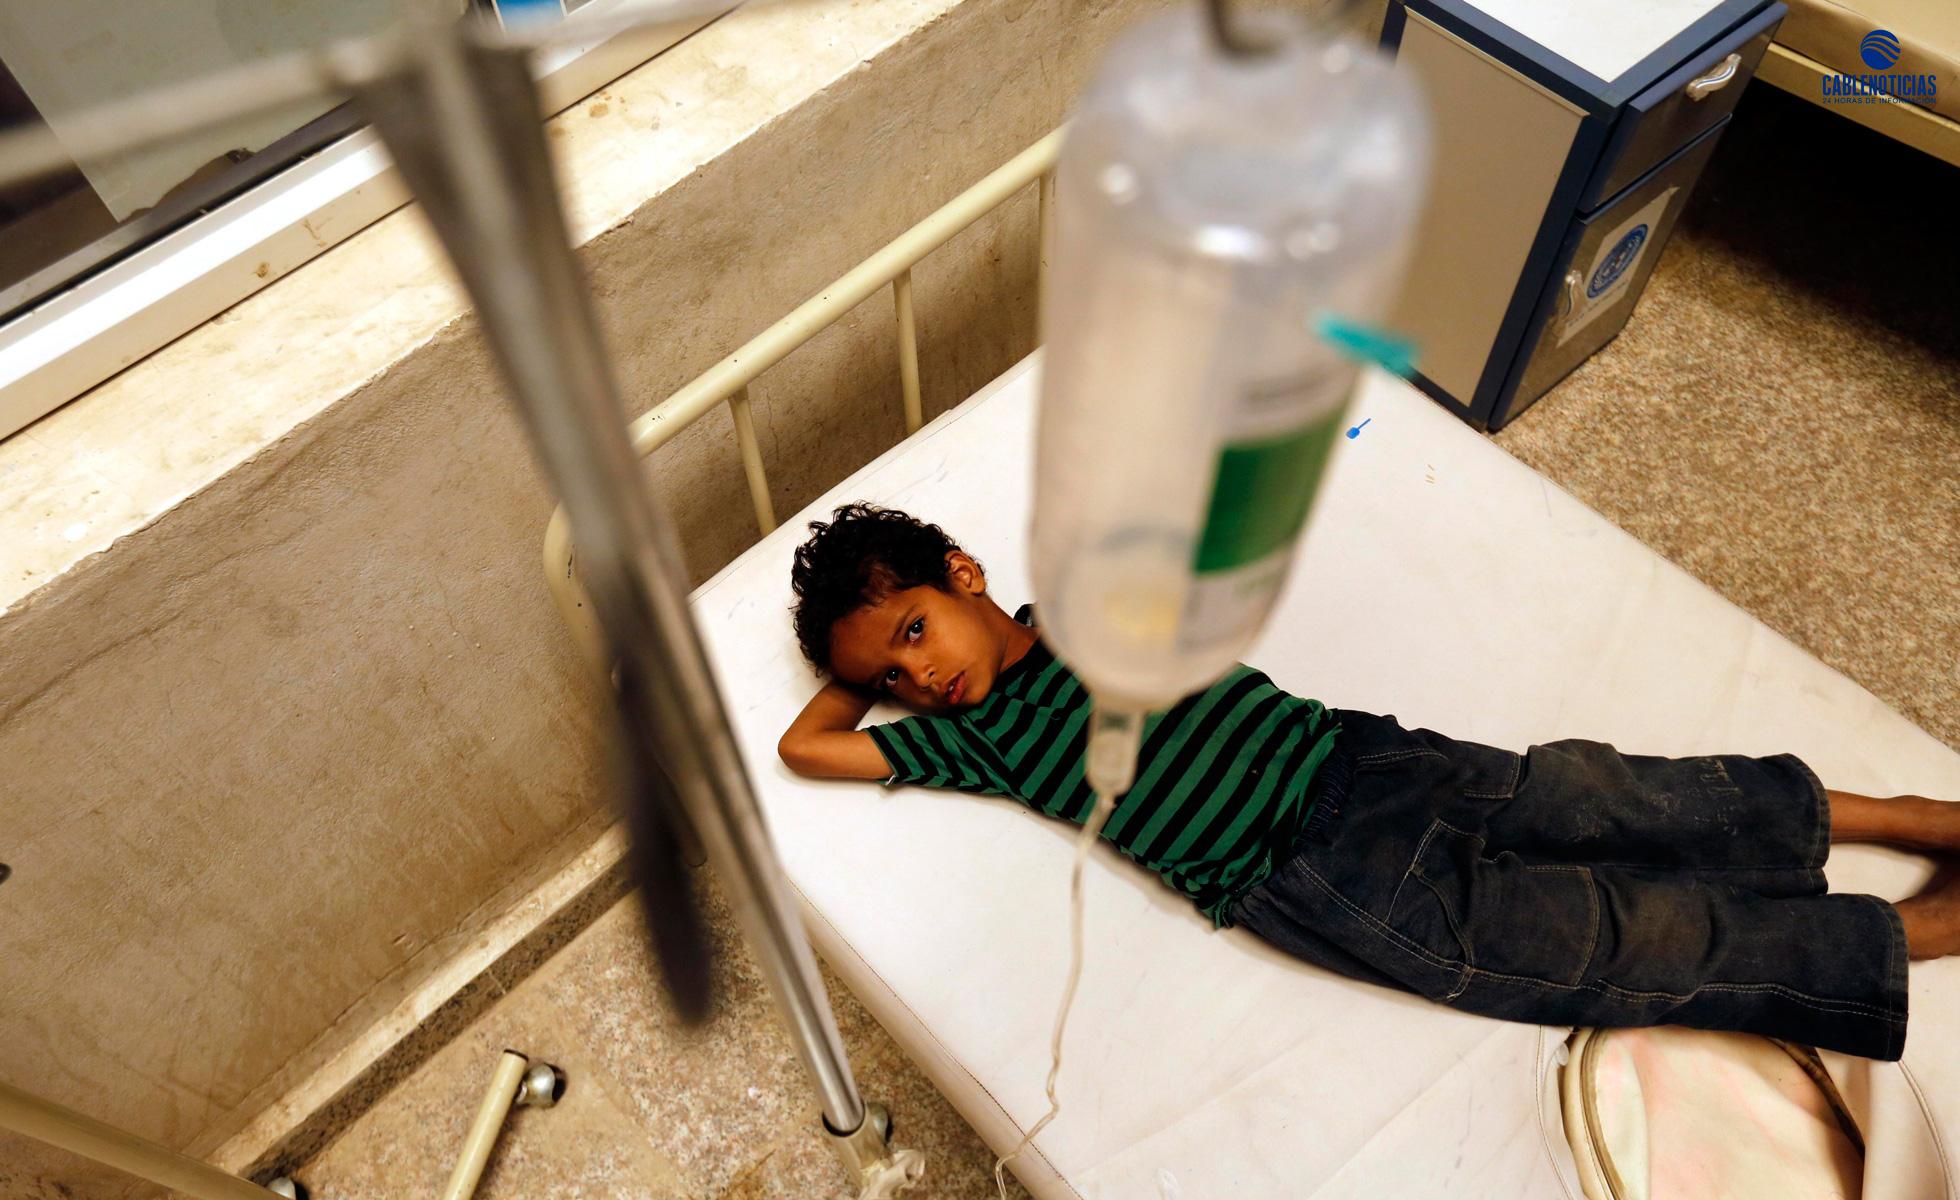 Brote-de-cólera-en-Yemen-ha-matado-a-193-niños-en-2019.jpg